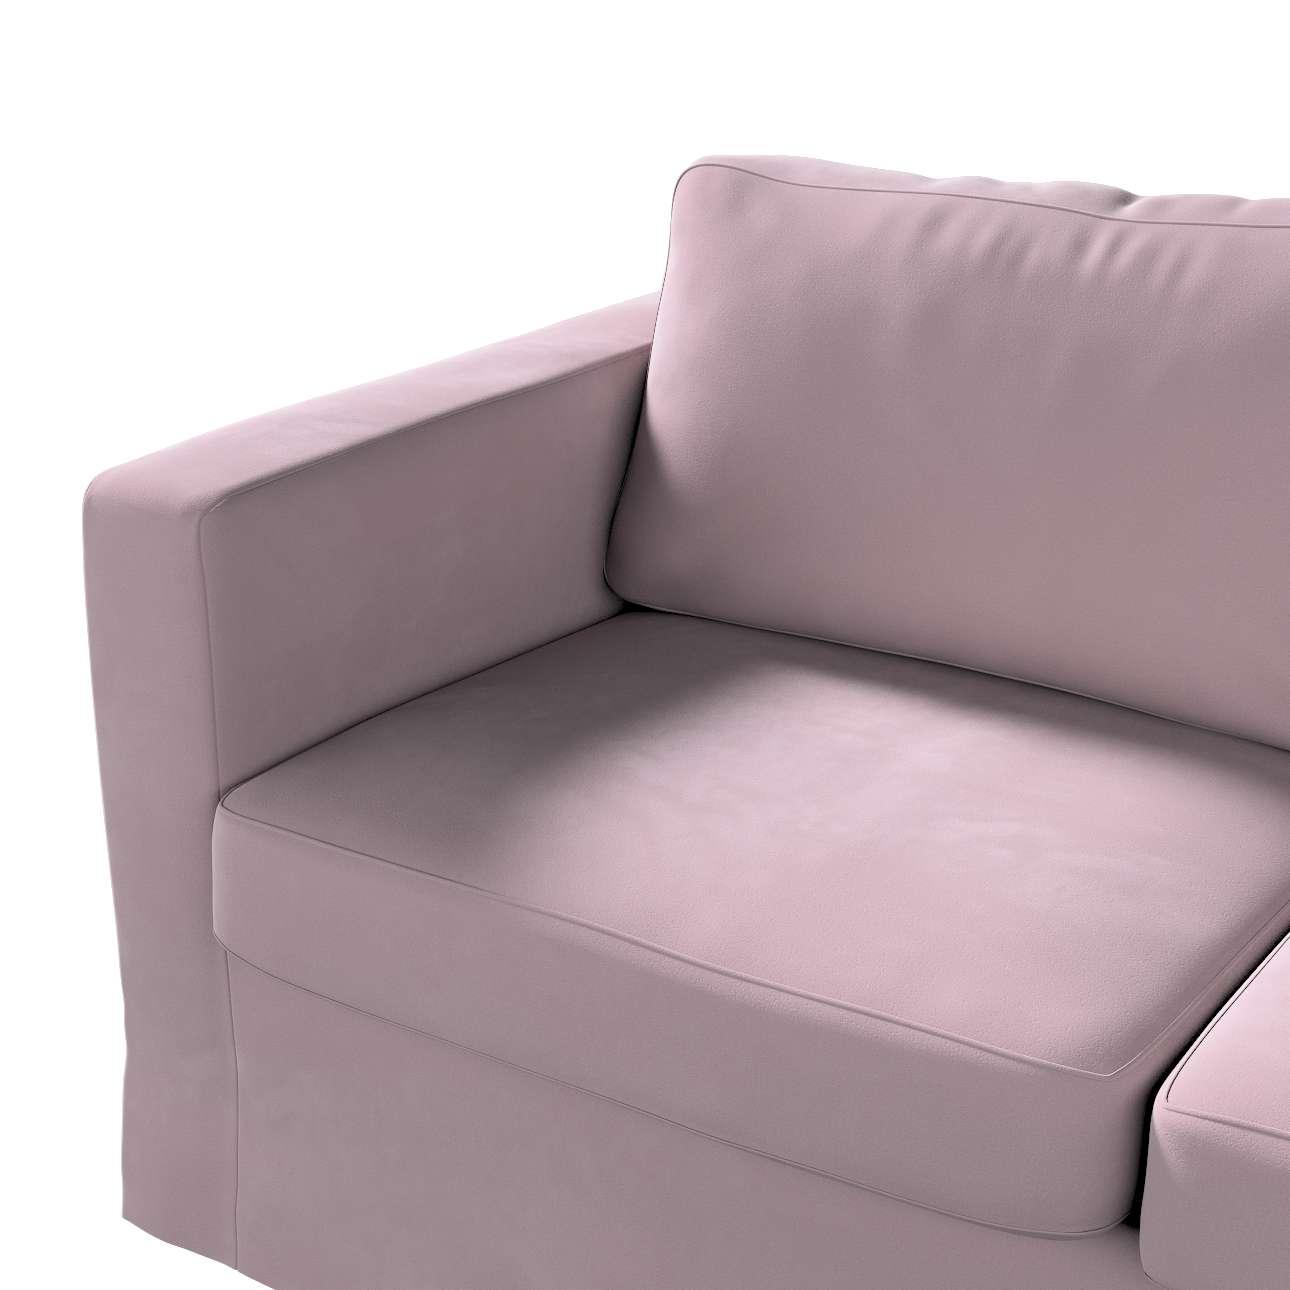 Pokrowiec na sofę Karlstad 2-osobową nierozkładaną długi w kolekcji Velvet, tkanina: 704-14